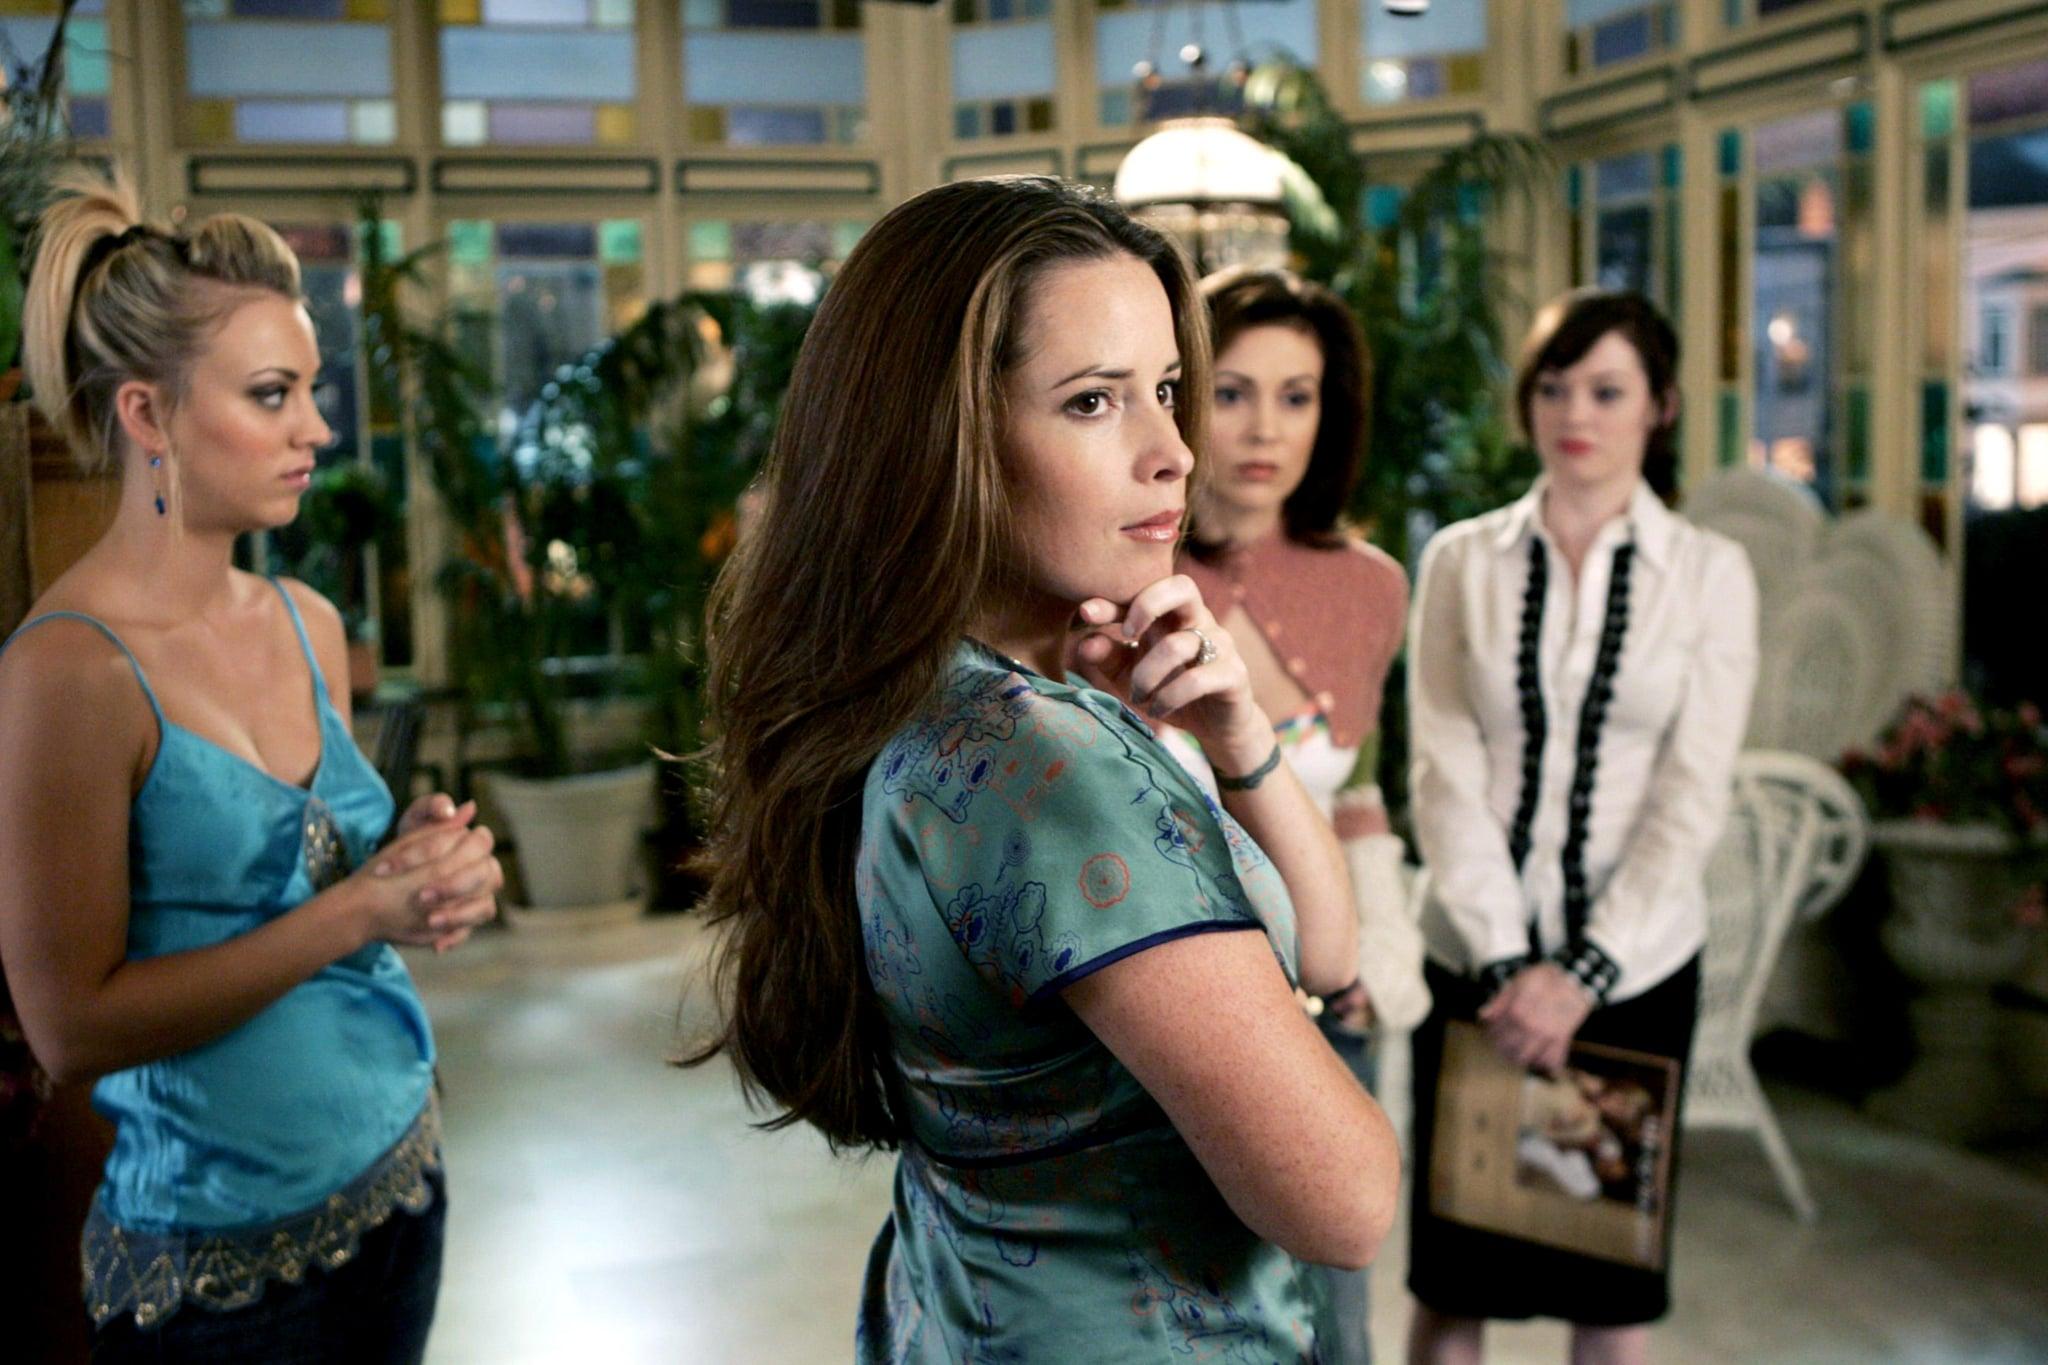 CHARMED, Kaley Cuoco, Holly Marie Combs, Alyssa Milano, Rose McGowan, (Season 8), 1998-2006, photo:  Viacom / Courtesy Everett Collection